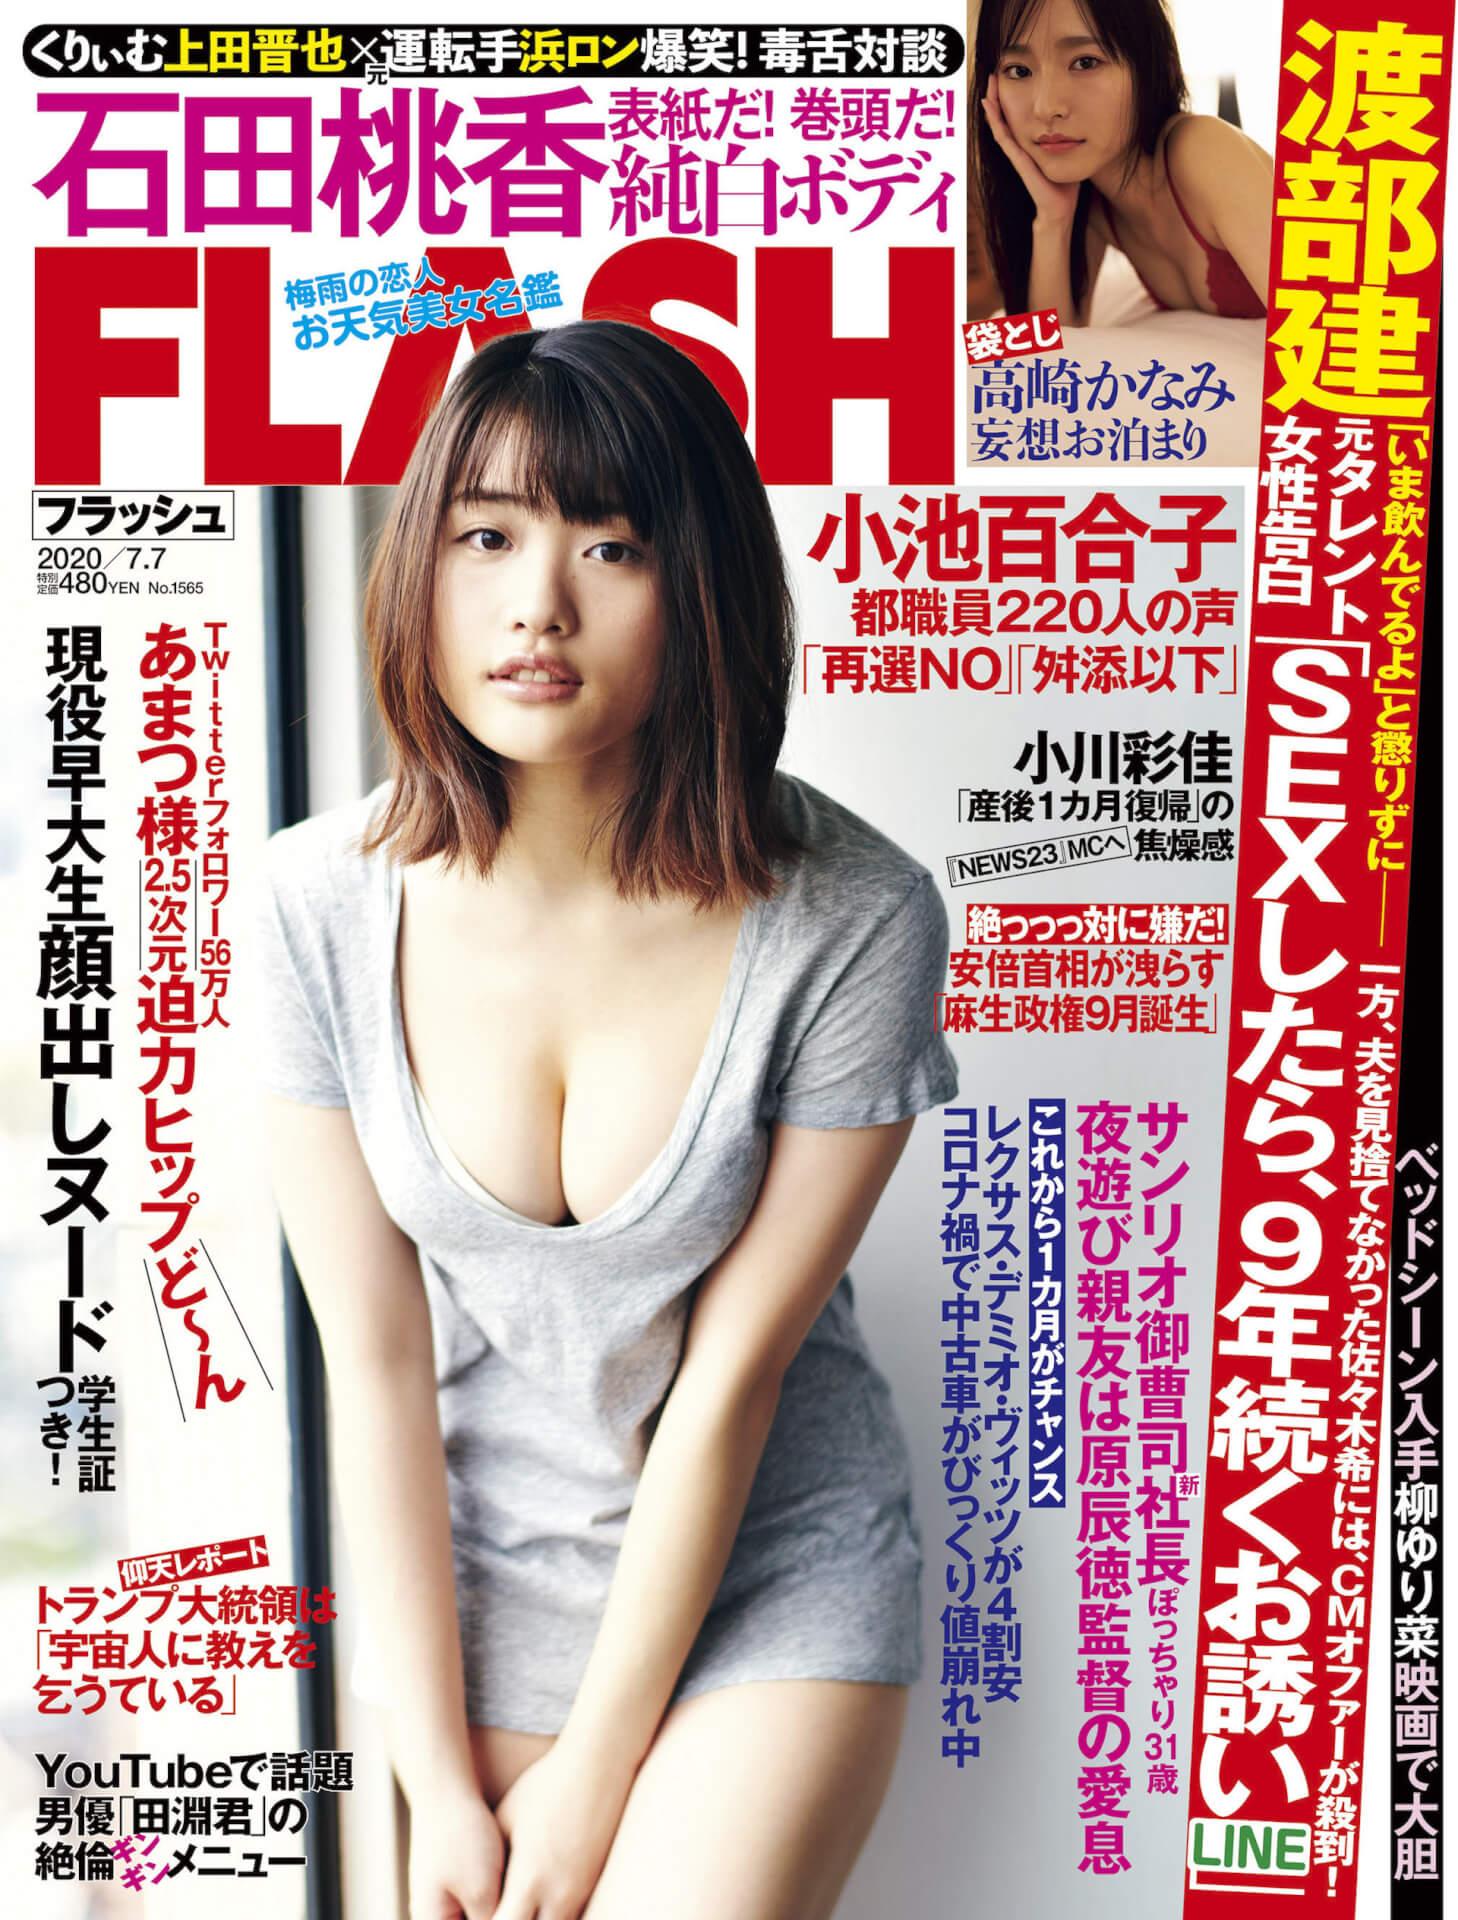 石田桃香が表紙の『FLASH』にたわわなボディで魅せるはのんまゆが登場!「日本酒グラビア」でほろ酔いの姿も art200624_flash_2